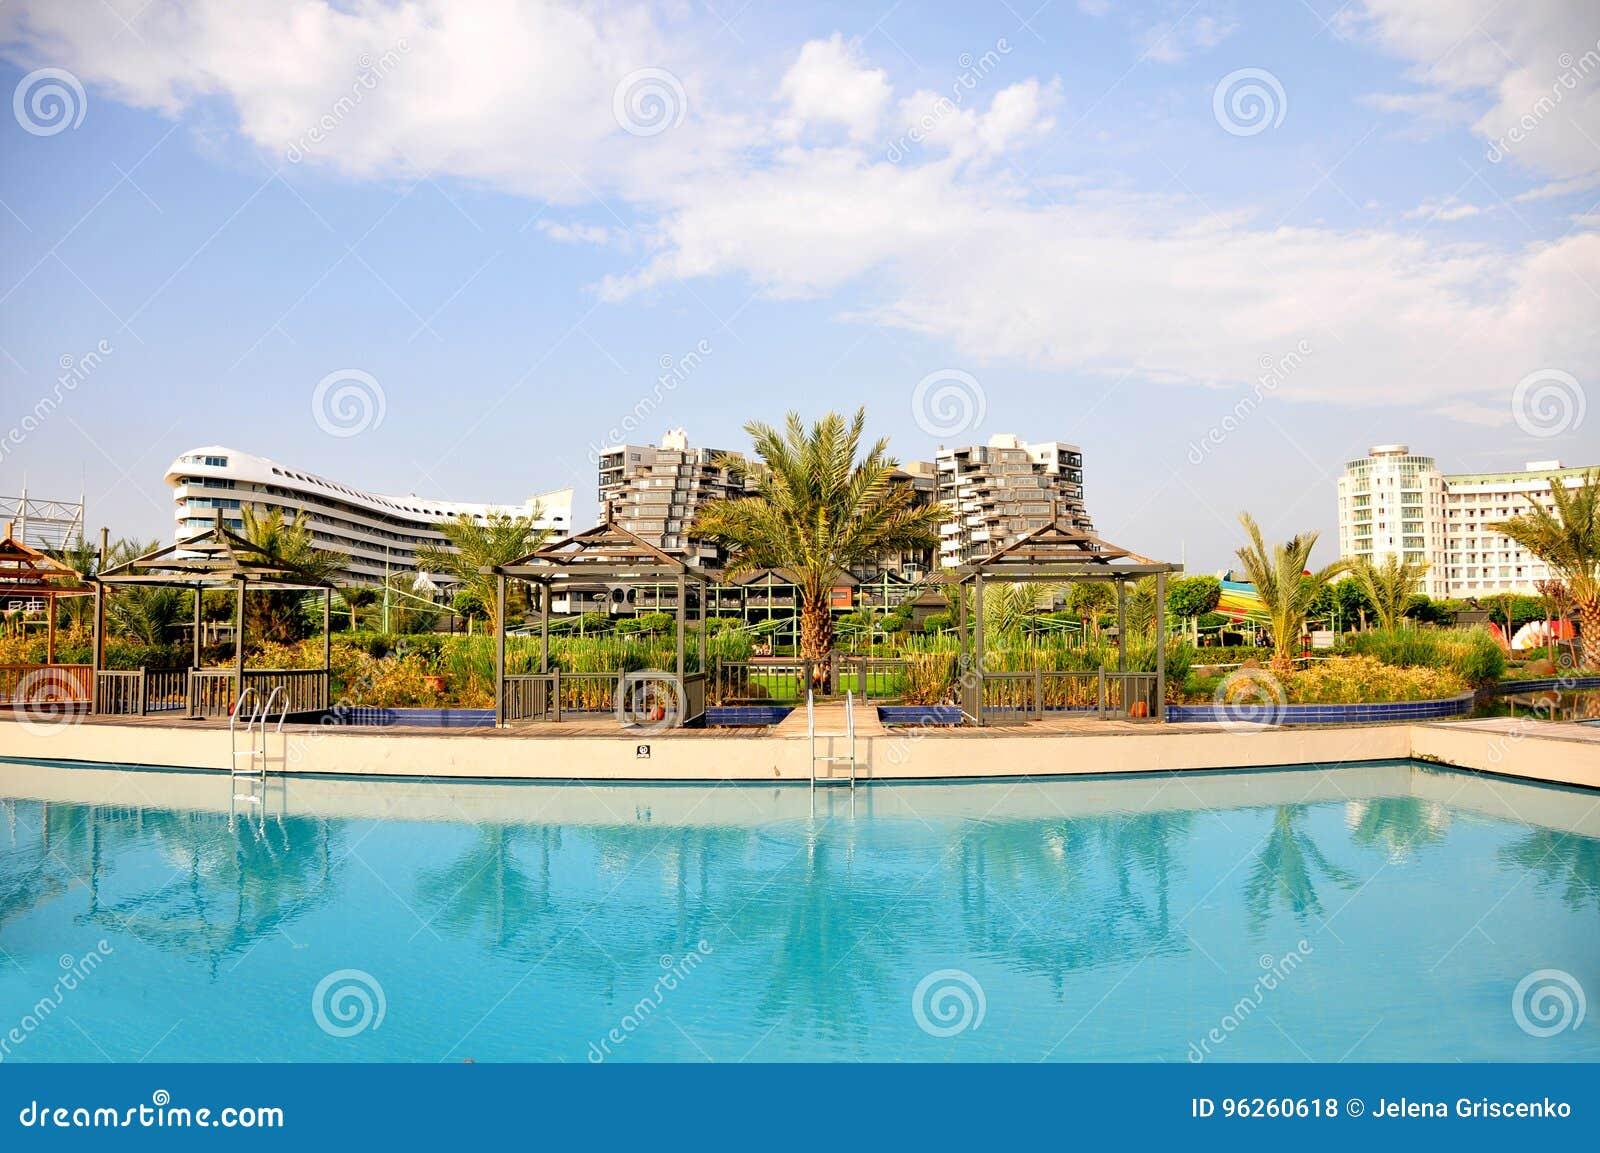 La opinión a Limak Lara Deluxe Hotel de las piscinas echa a un lado